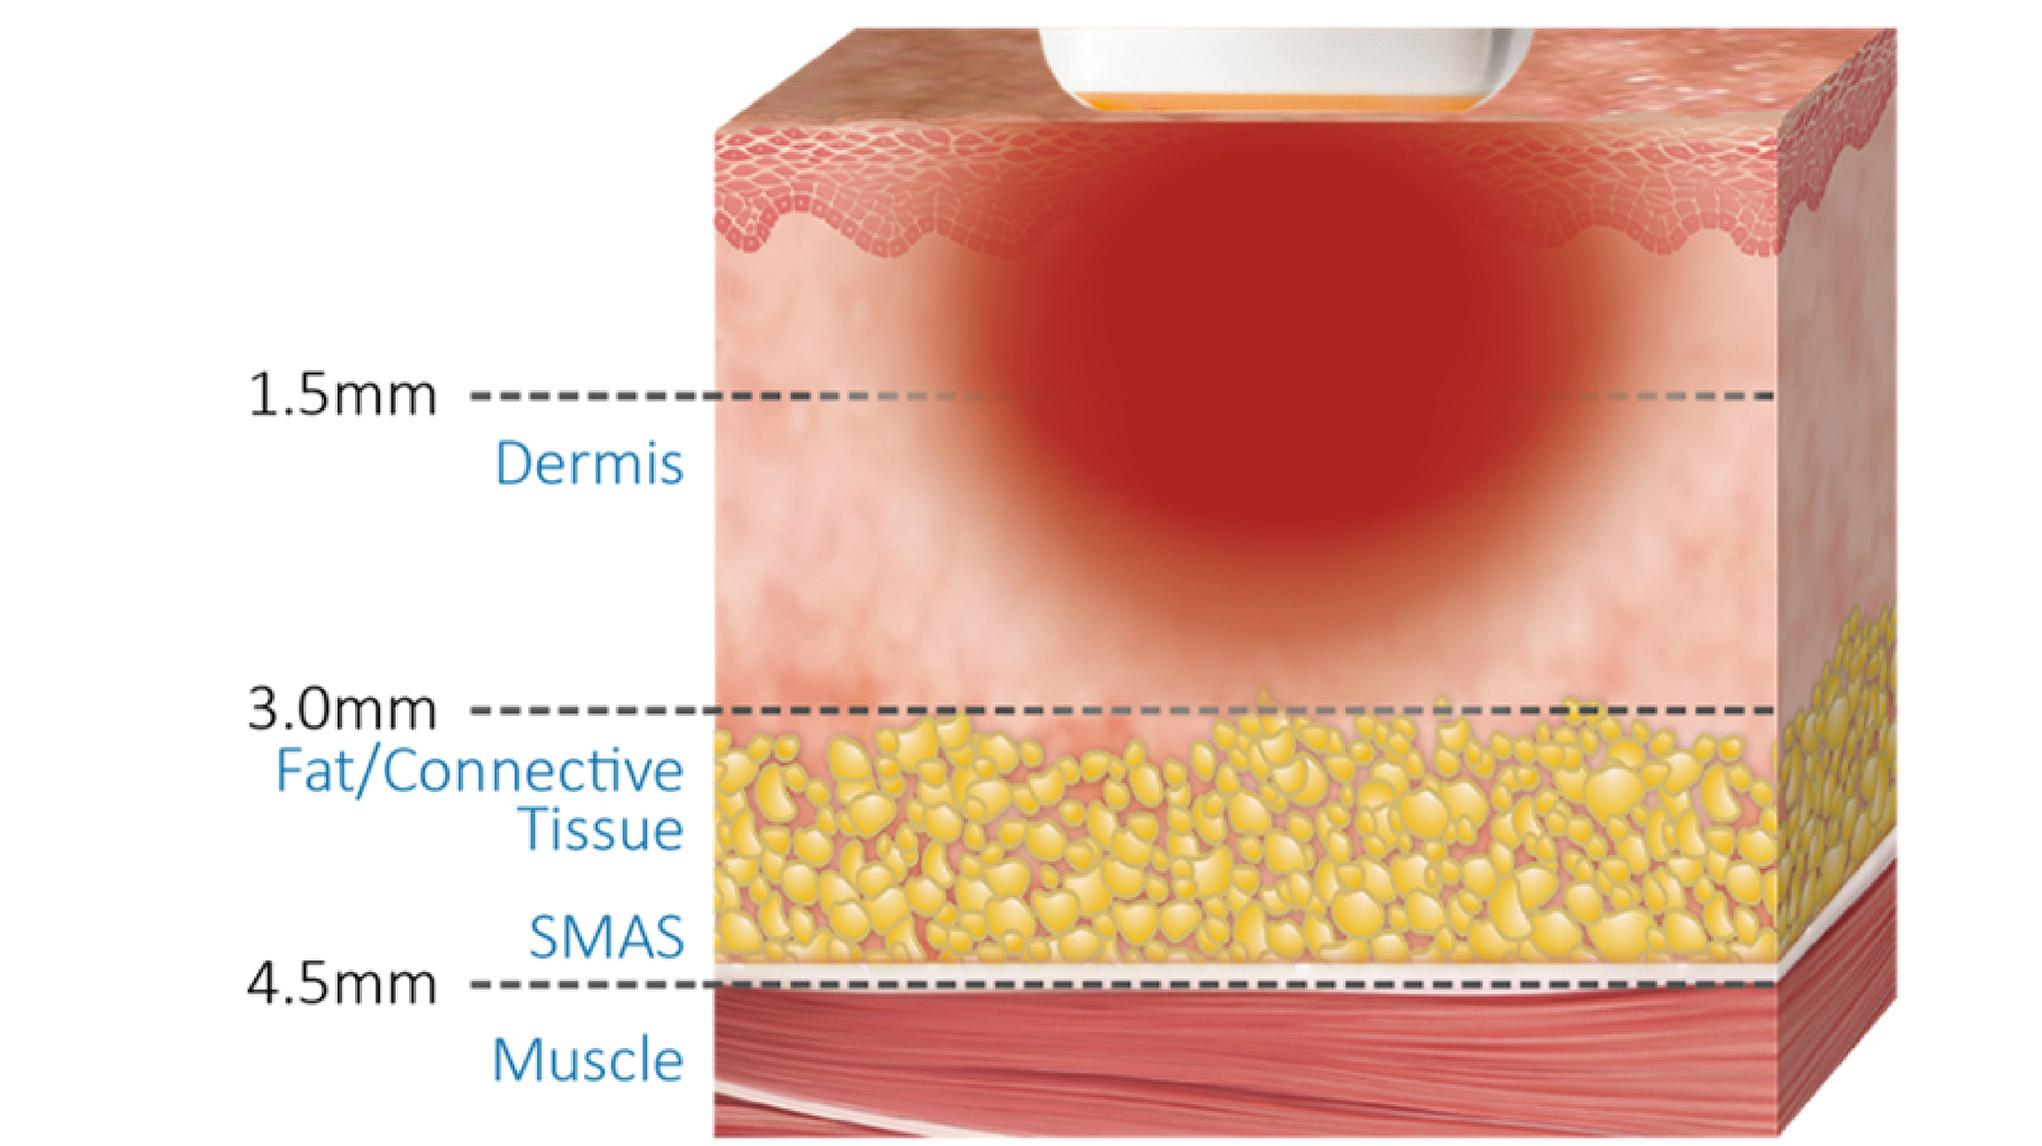 奇蹟電波INTRAcel-GRF使用單極電波加熱皮膚組織,大面積加熱刺激膠原蛋白收縮,使膠原蛋白再生,讓肌膚緊緻、Q彈。